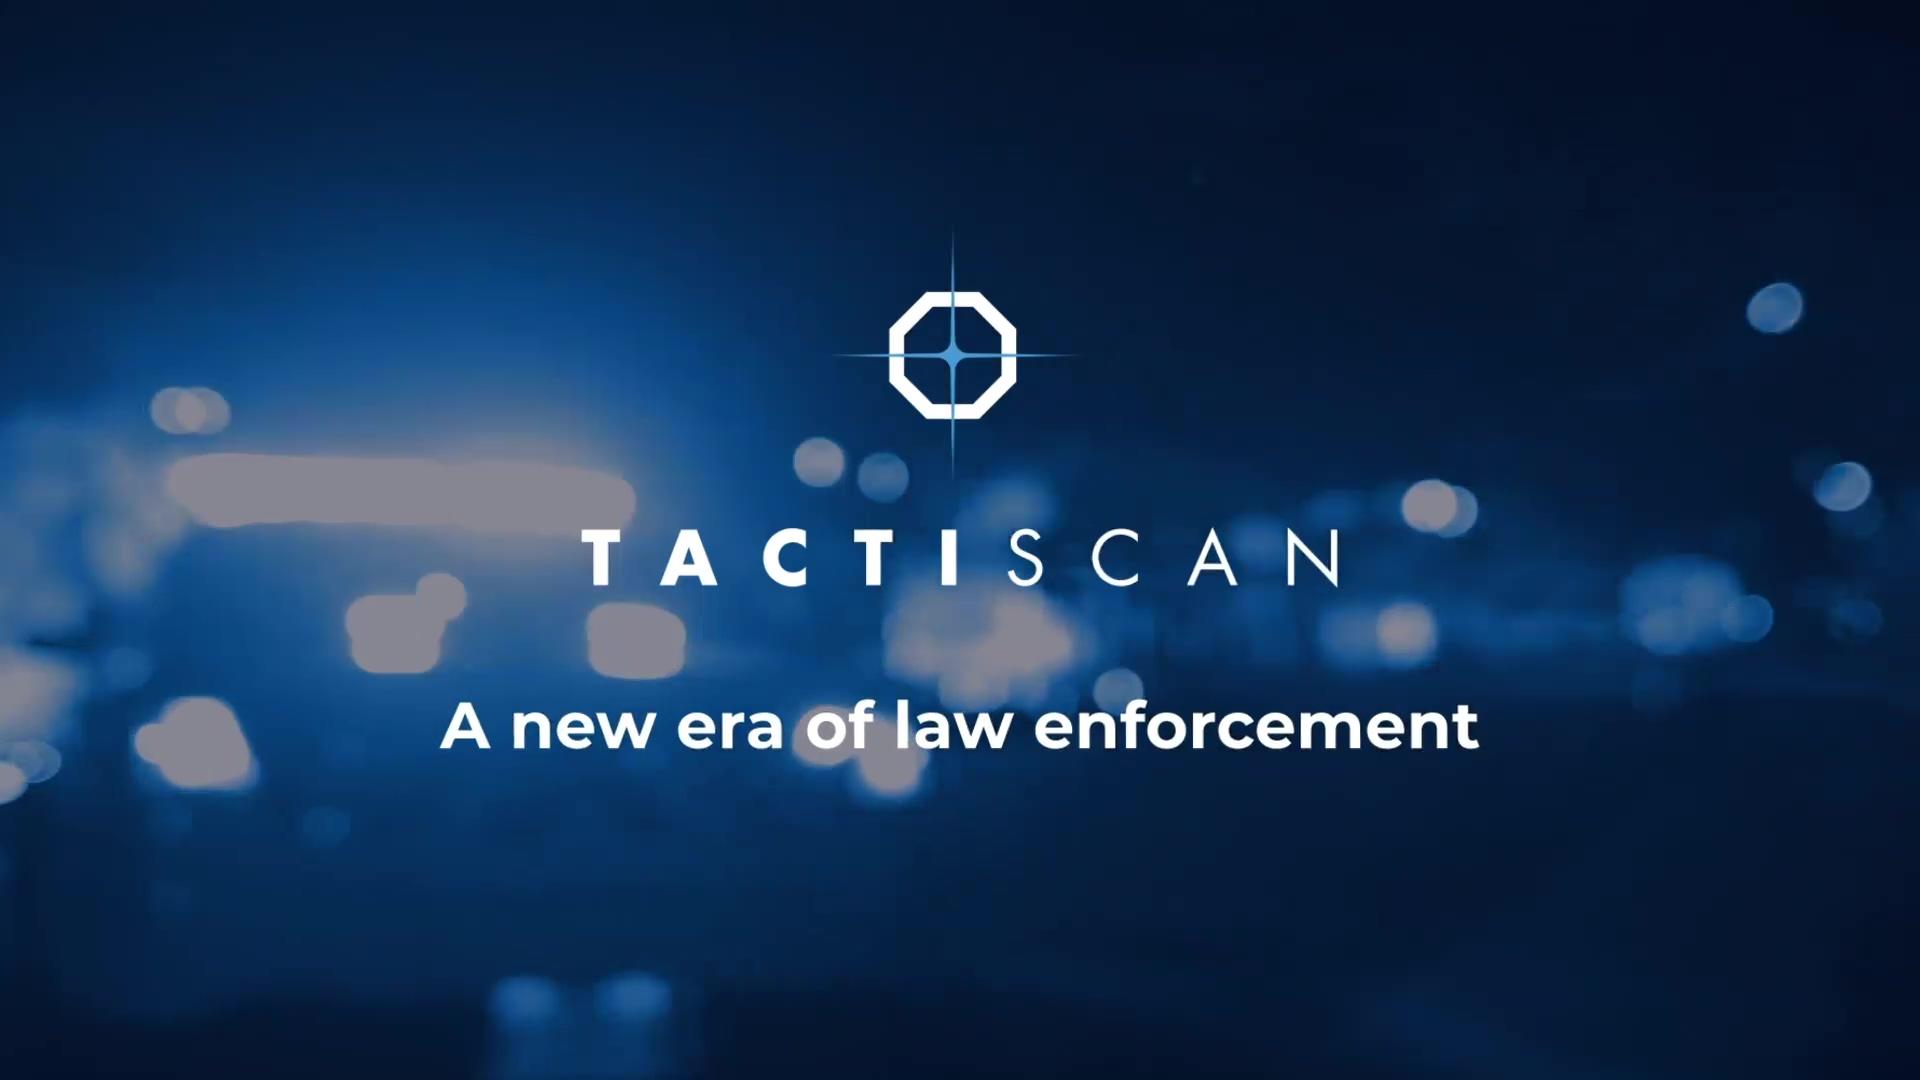 tactiscan_video_0120_1920x1080p_hubspot